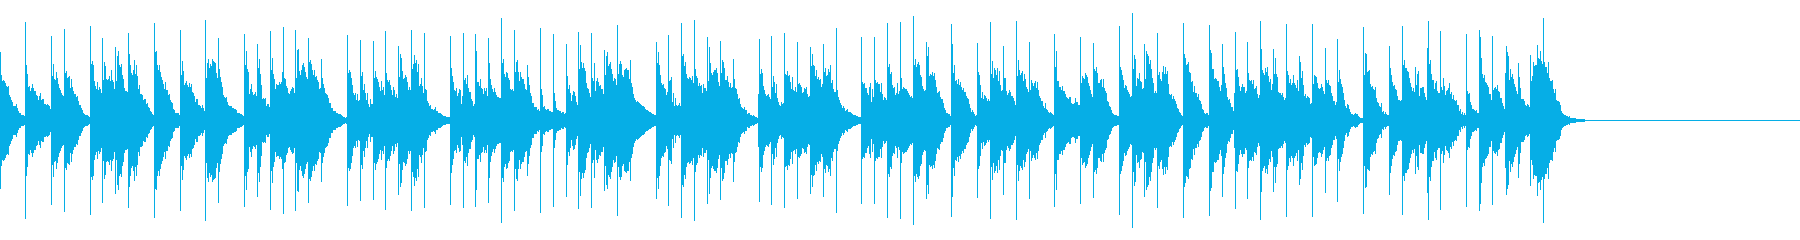 小動物がちょこっと顔を出しているような曲の再生済みの波形